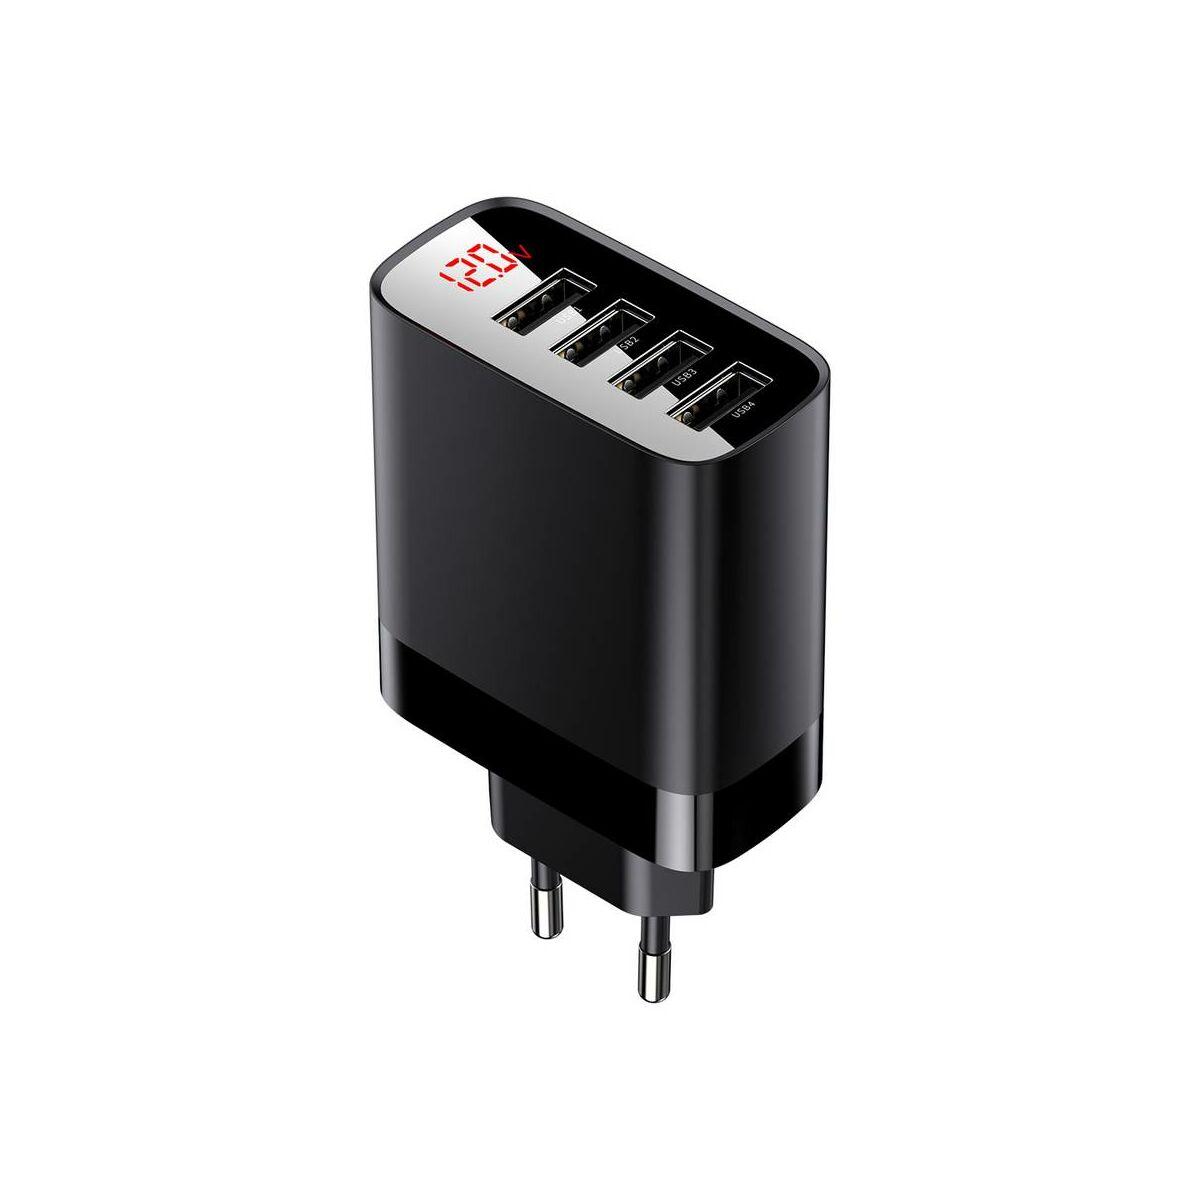 Baseus hálózati töltő, Mirror Lake digitális kijelzős 4xUSB 30W, fekete (CCJMHB-B01)